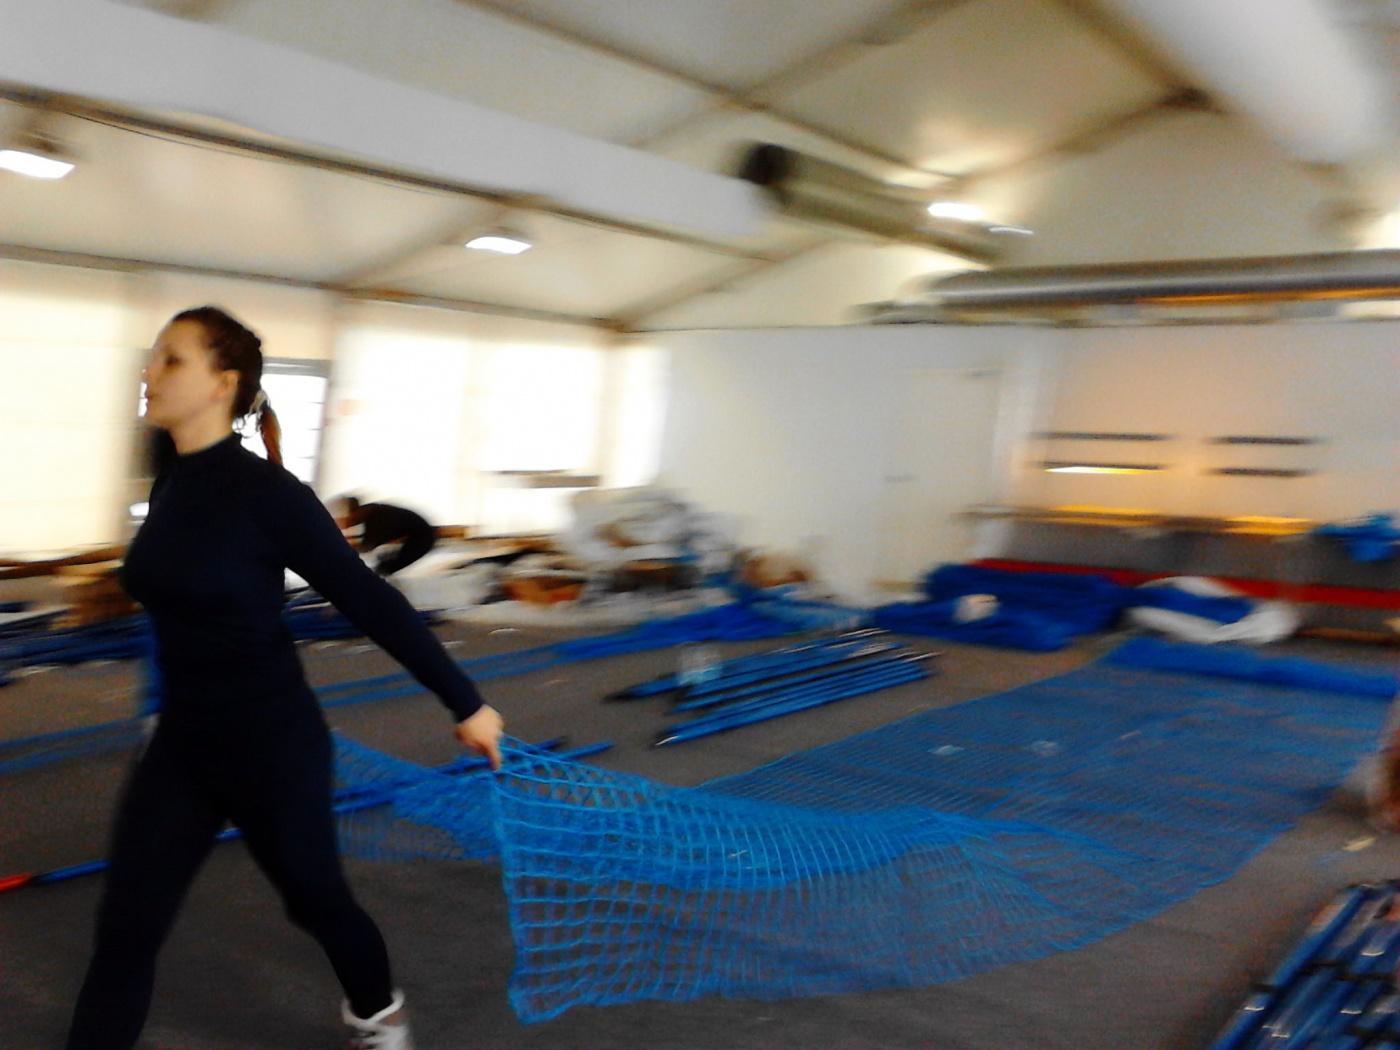 Маша растягивает на полу заготовку сетки, чтобы прикрепить к ней палки с крючками